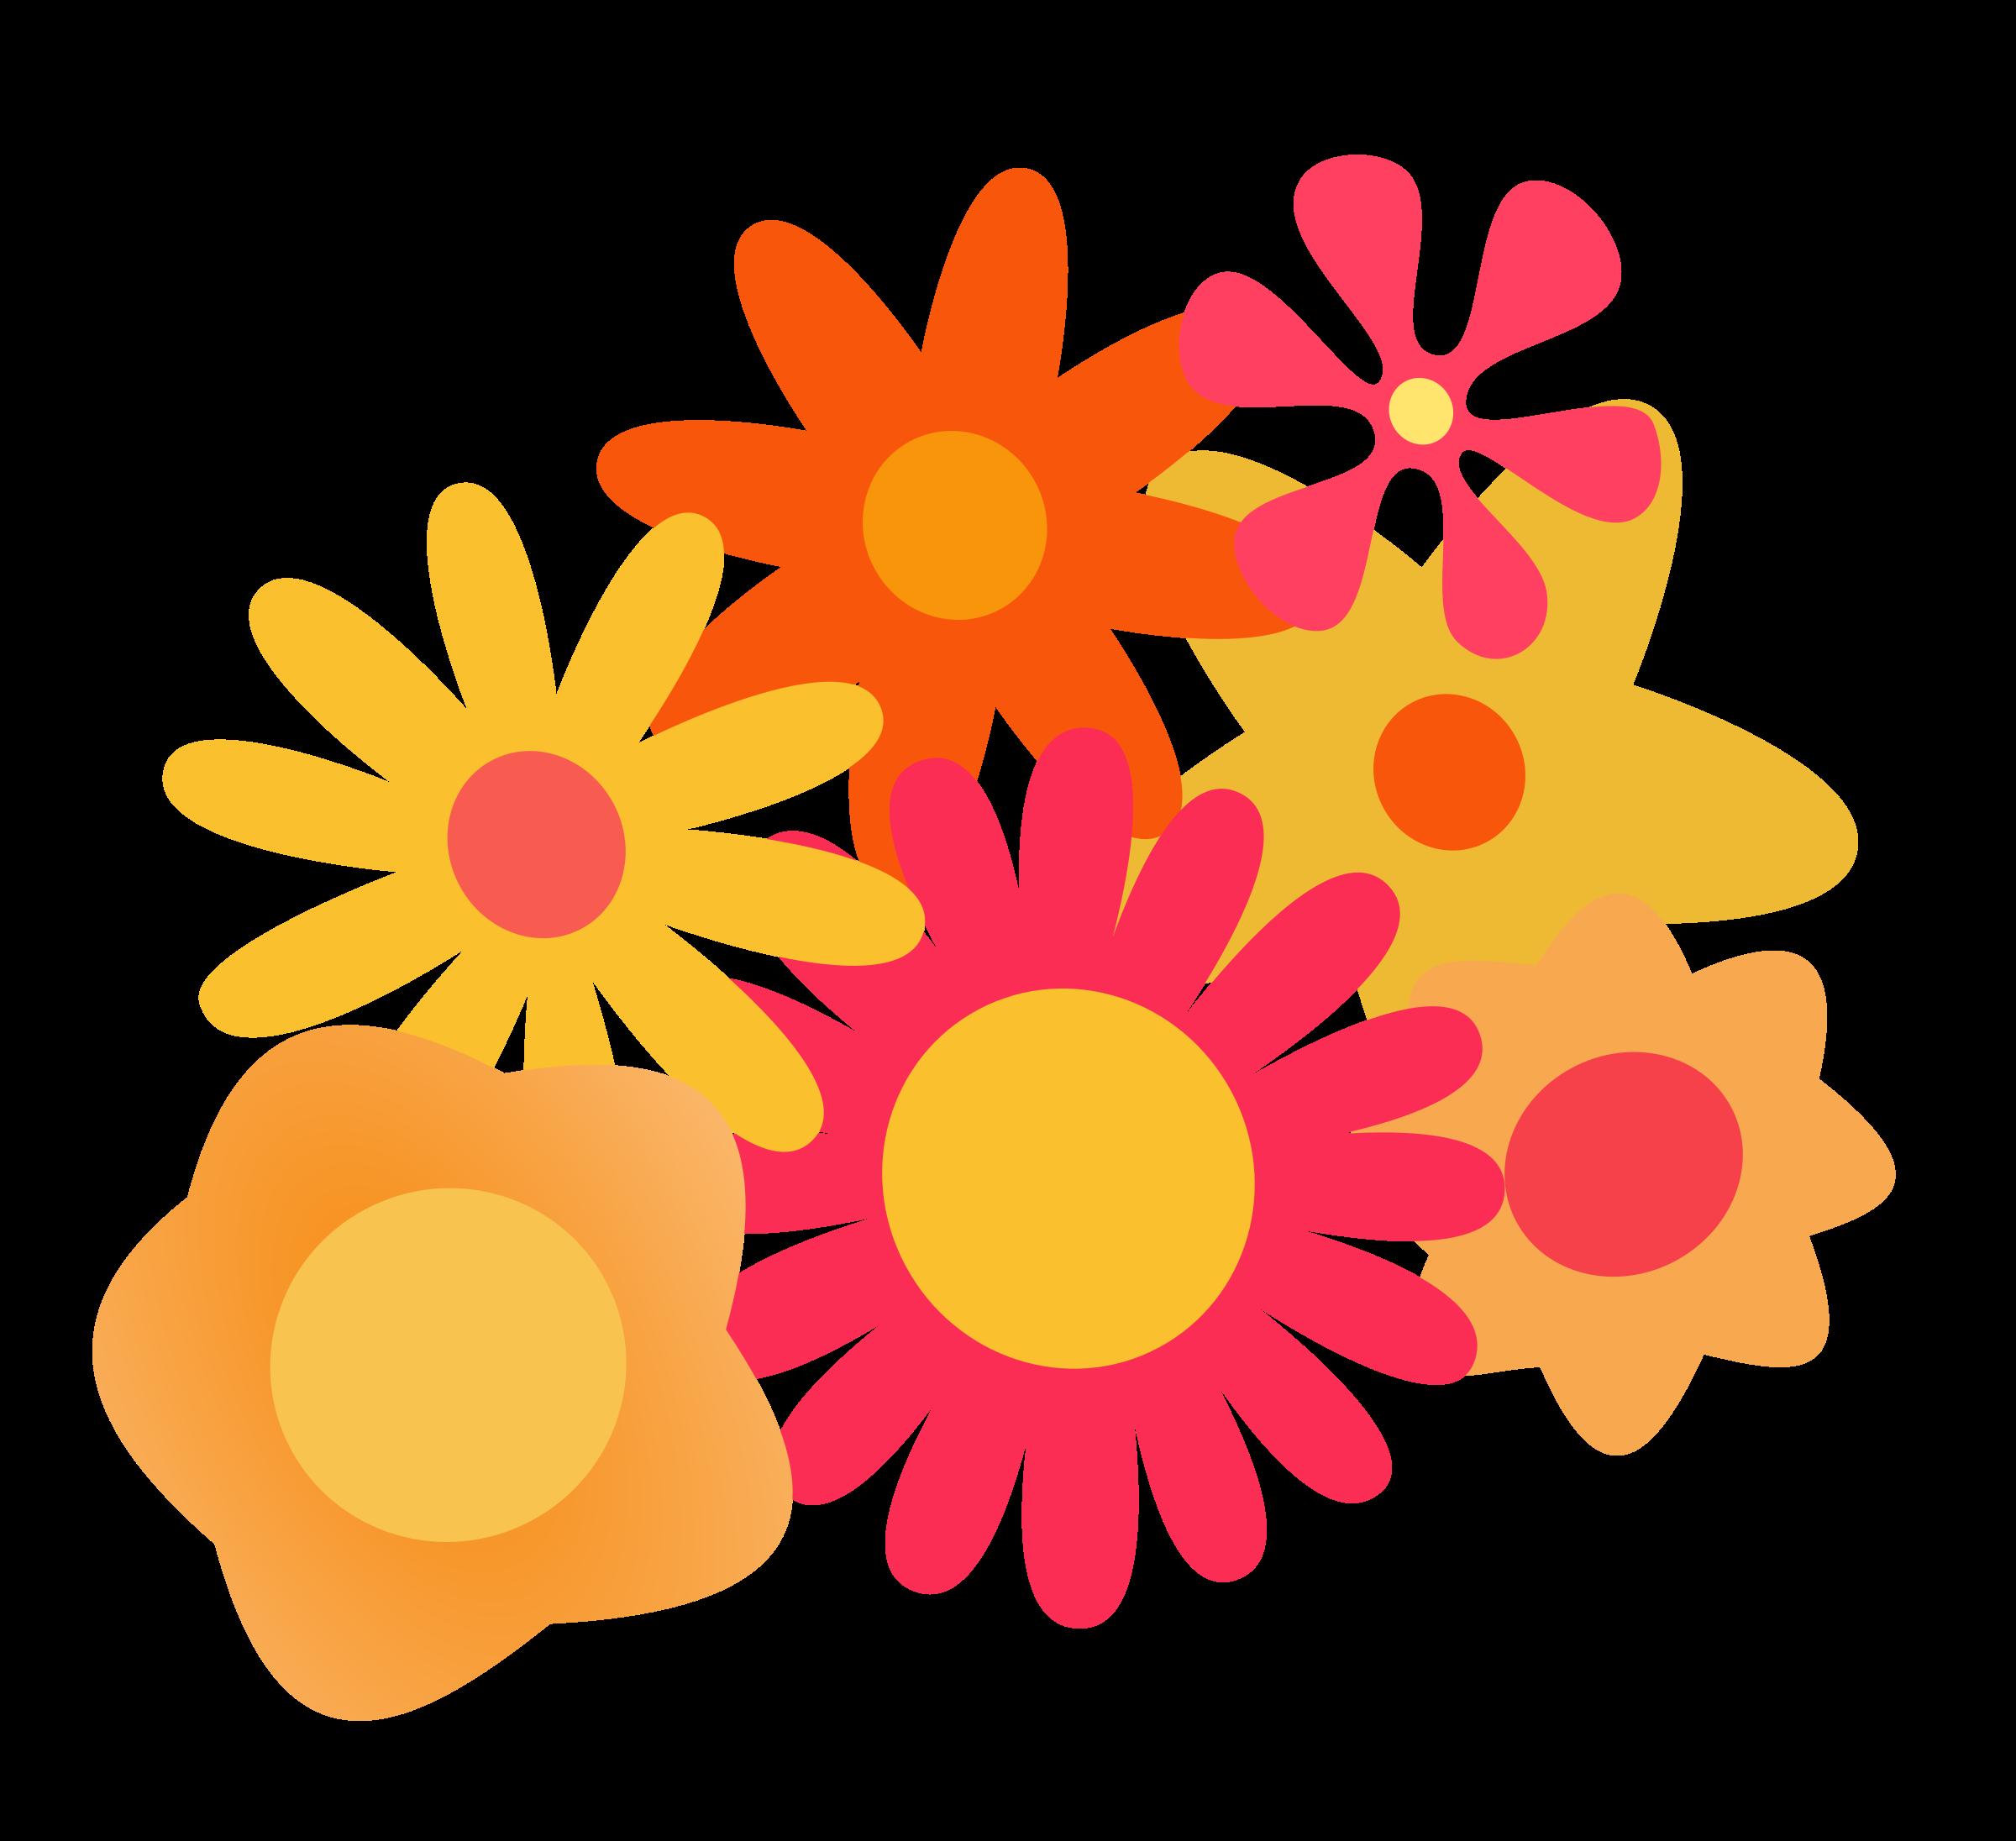 Orange Flower clipart transparent Cluster Flower Flower Clipart Cluster